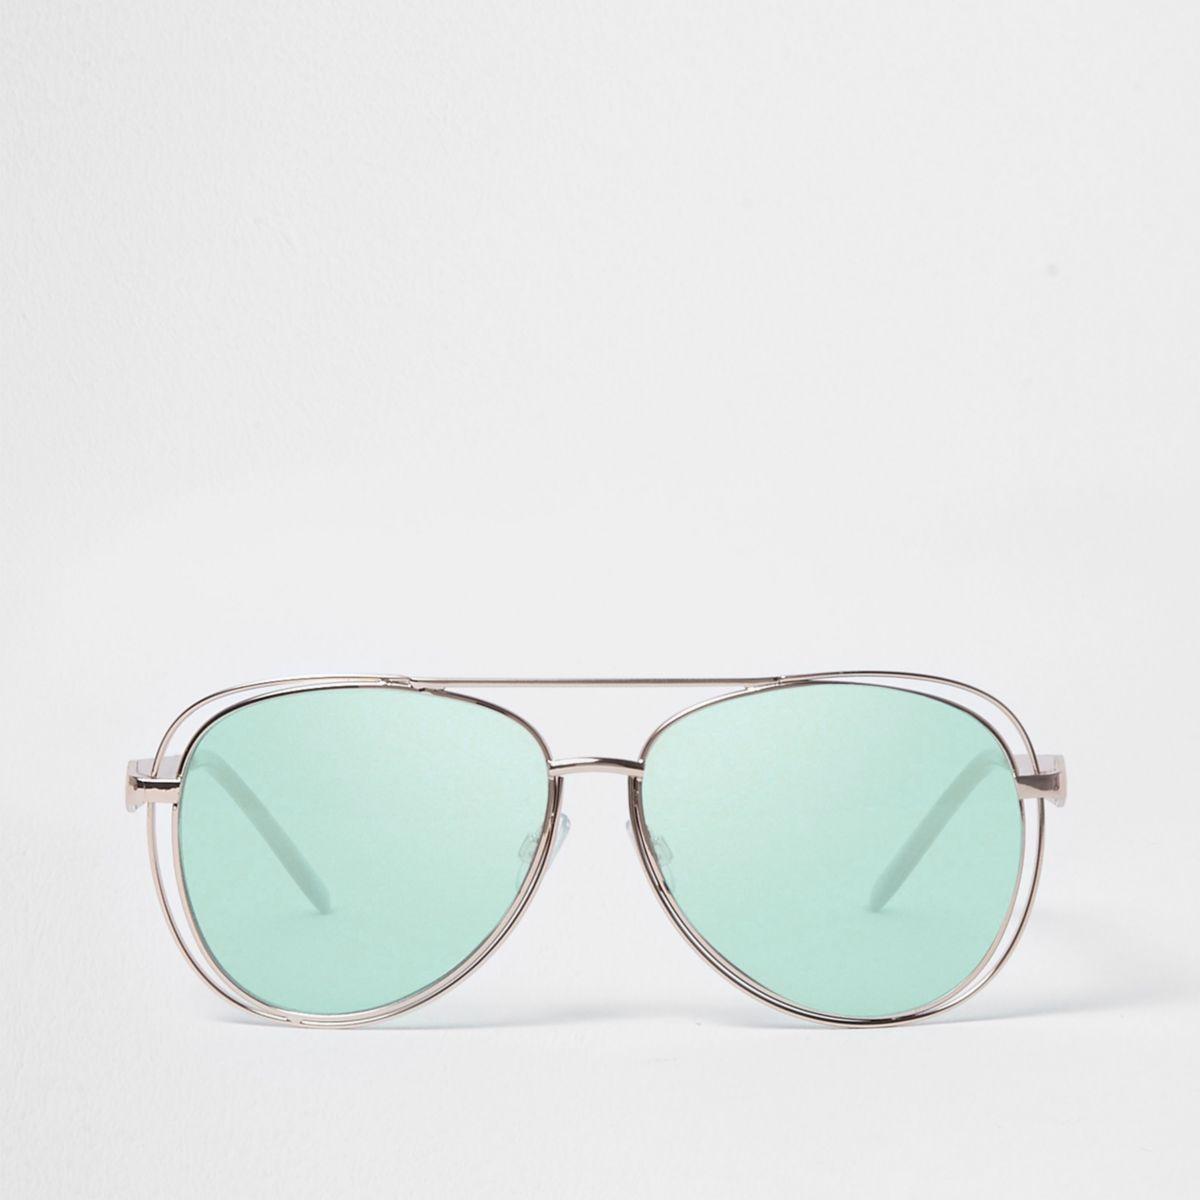 Pilotenzonnebril met groene glazen en uitsnede in het montuur